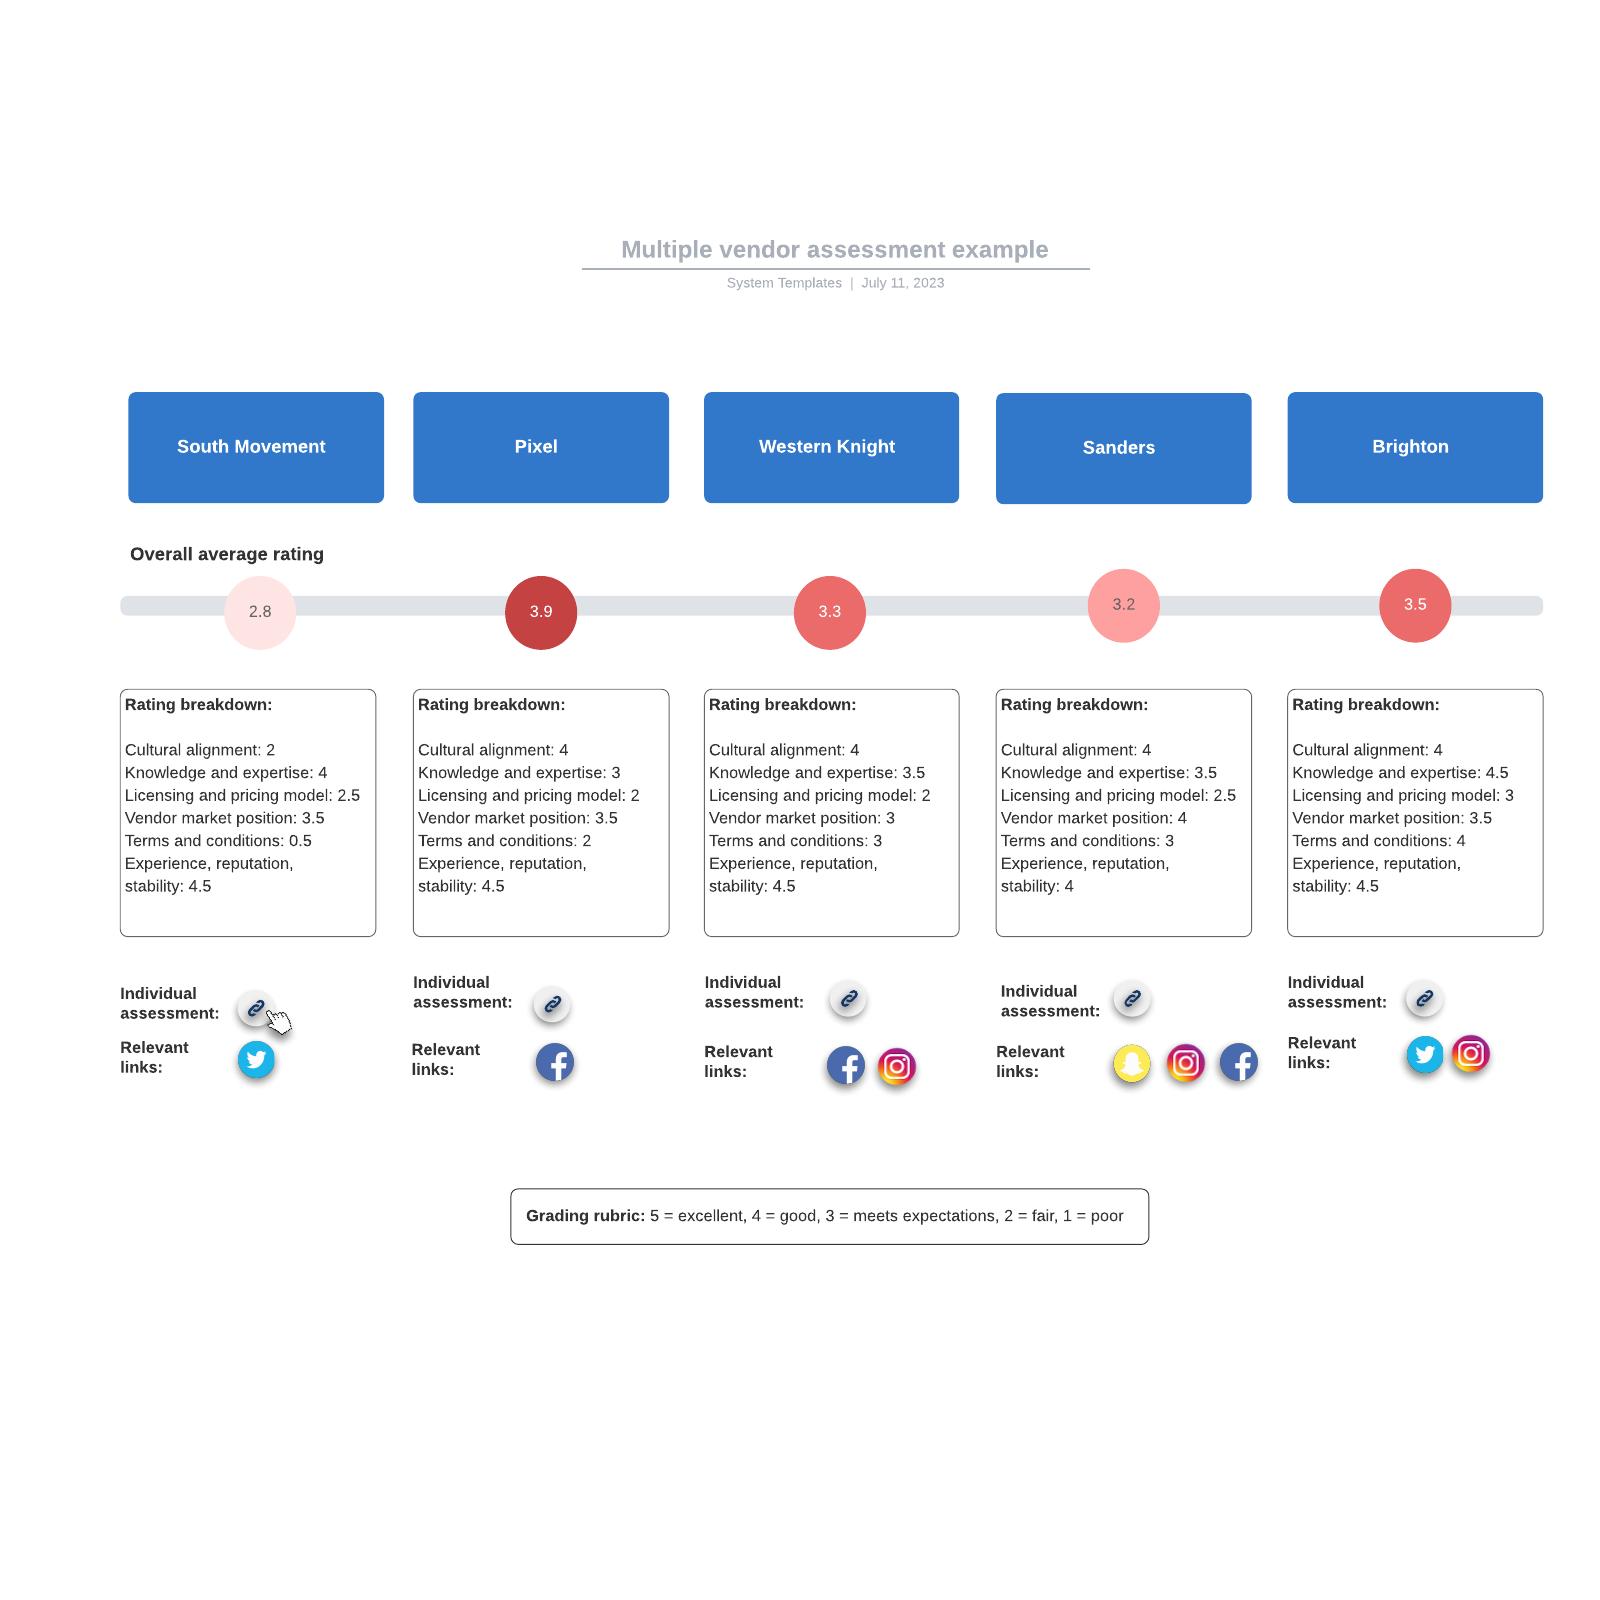 Multiple vendor assessment example